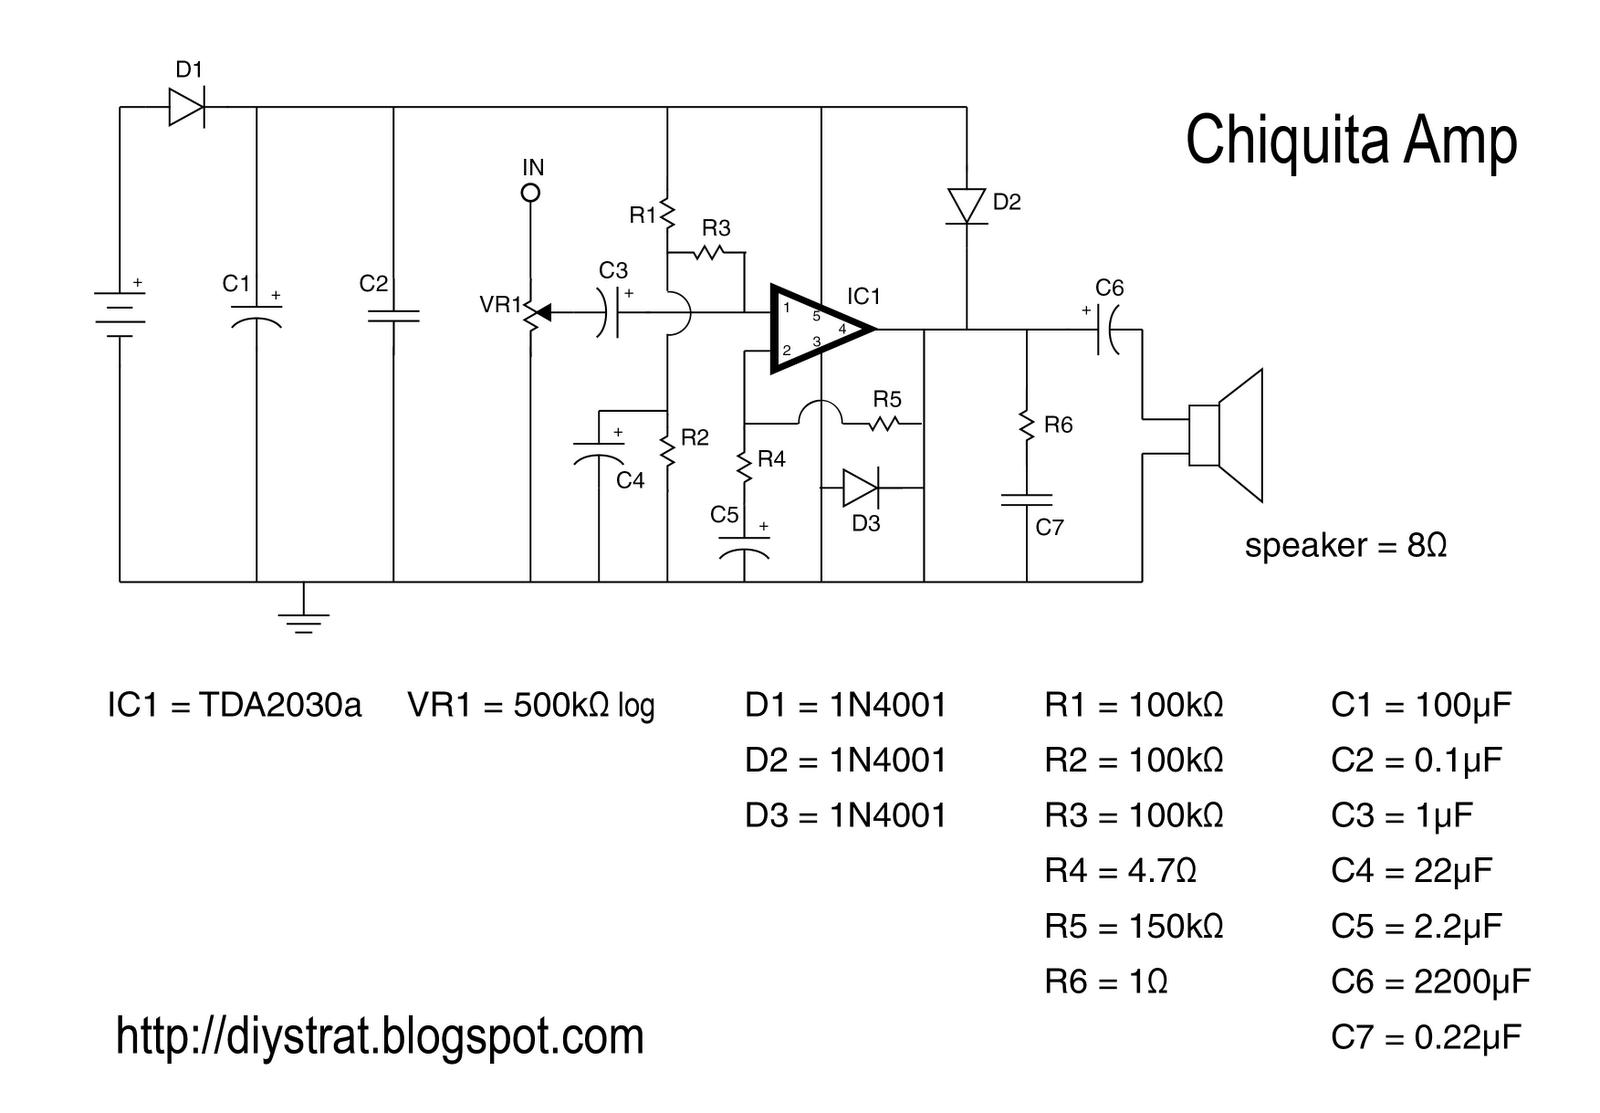 medium resolution of guitar wiring schematics b guitar wiring schematics diagram dean b guitar wiring schematics diagram simple circuit